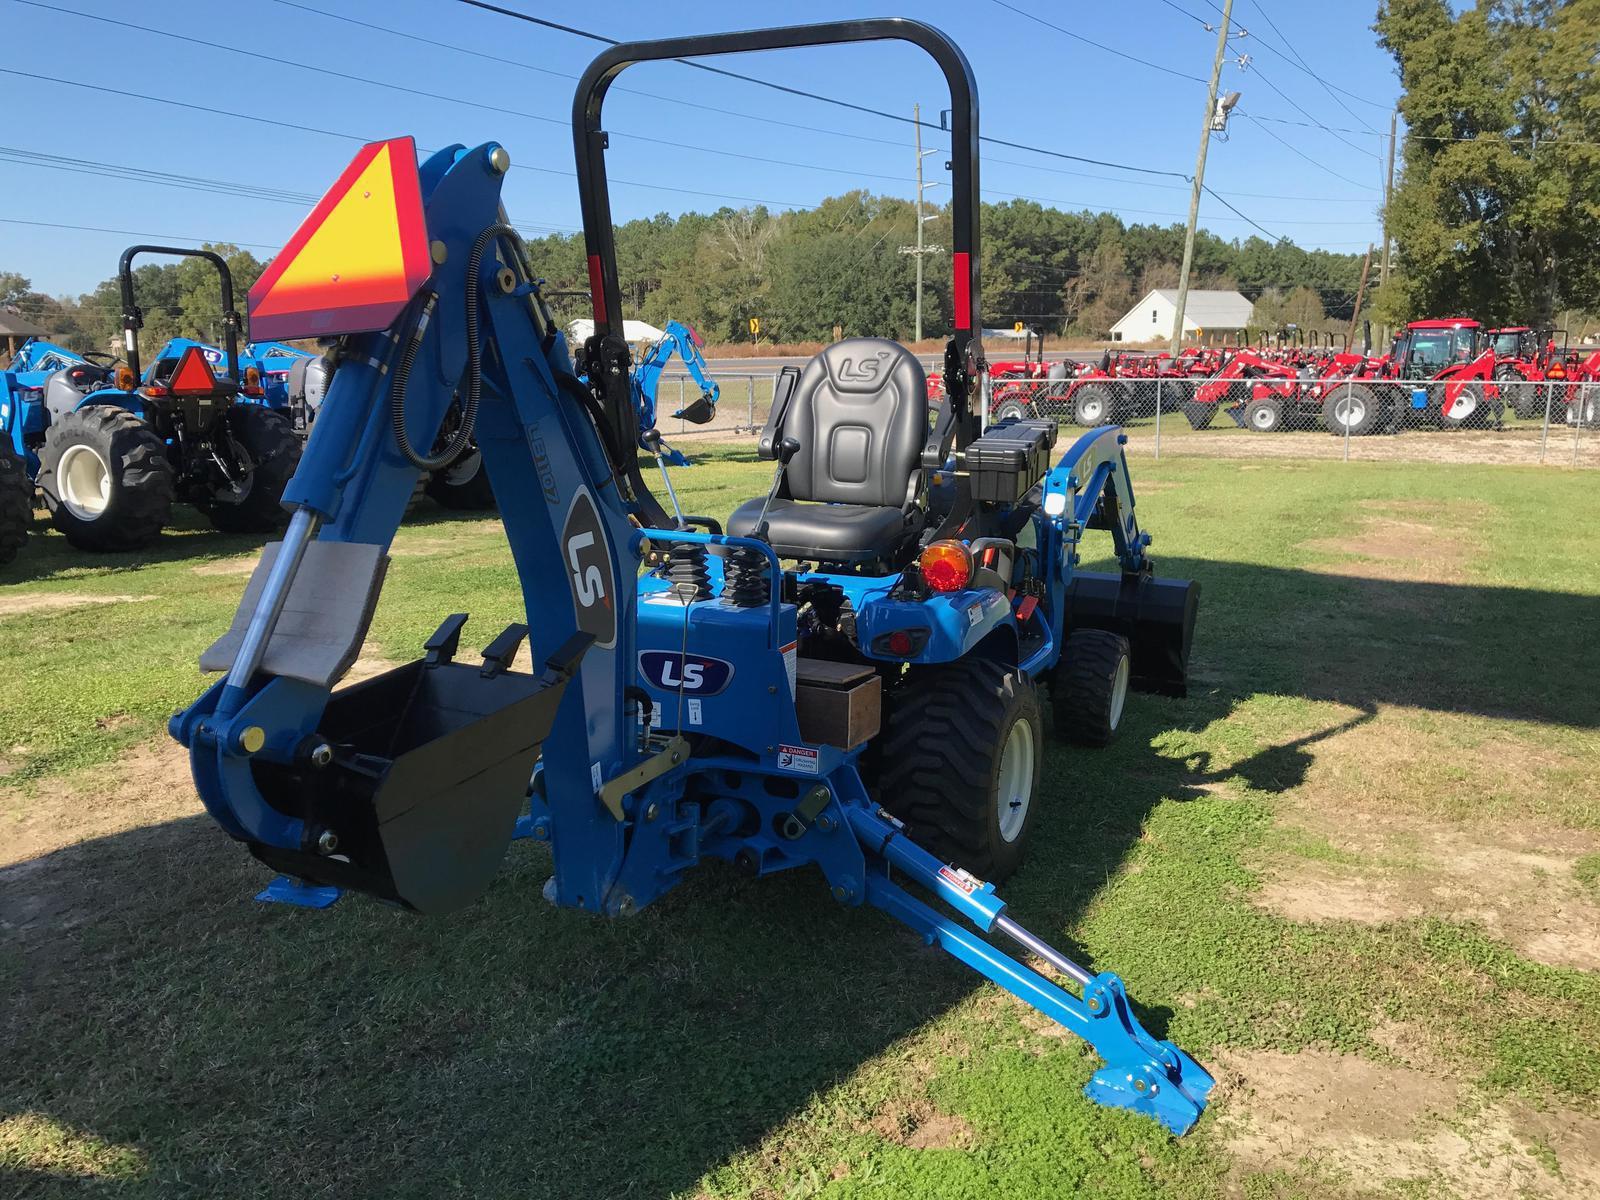 2019 LS Tractor MT122-TLB